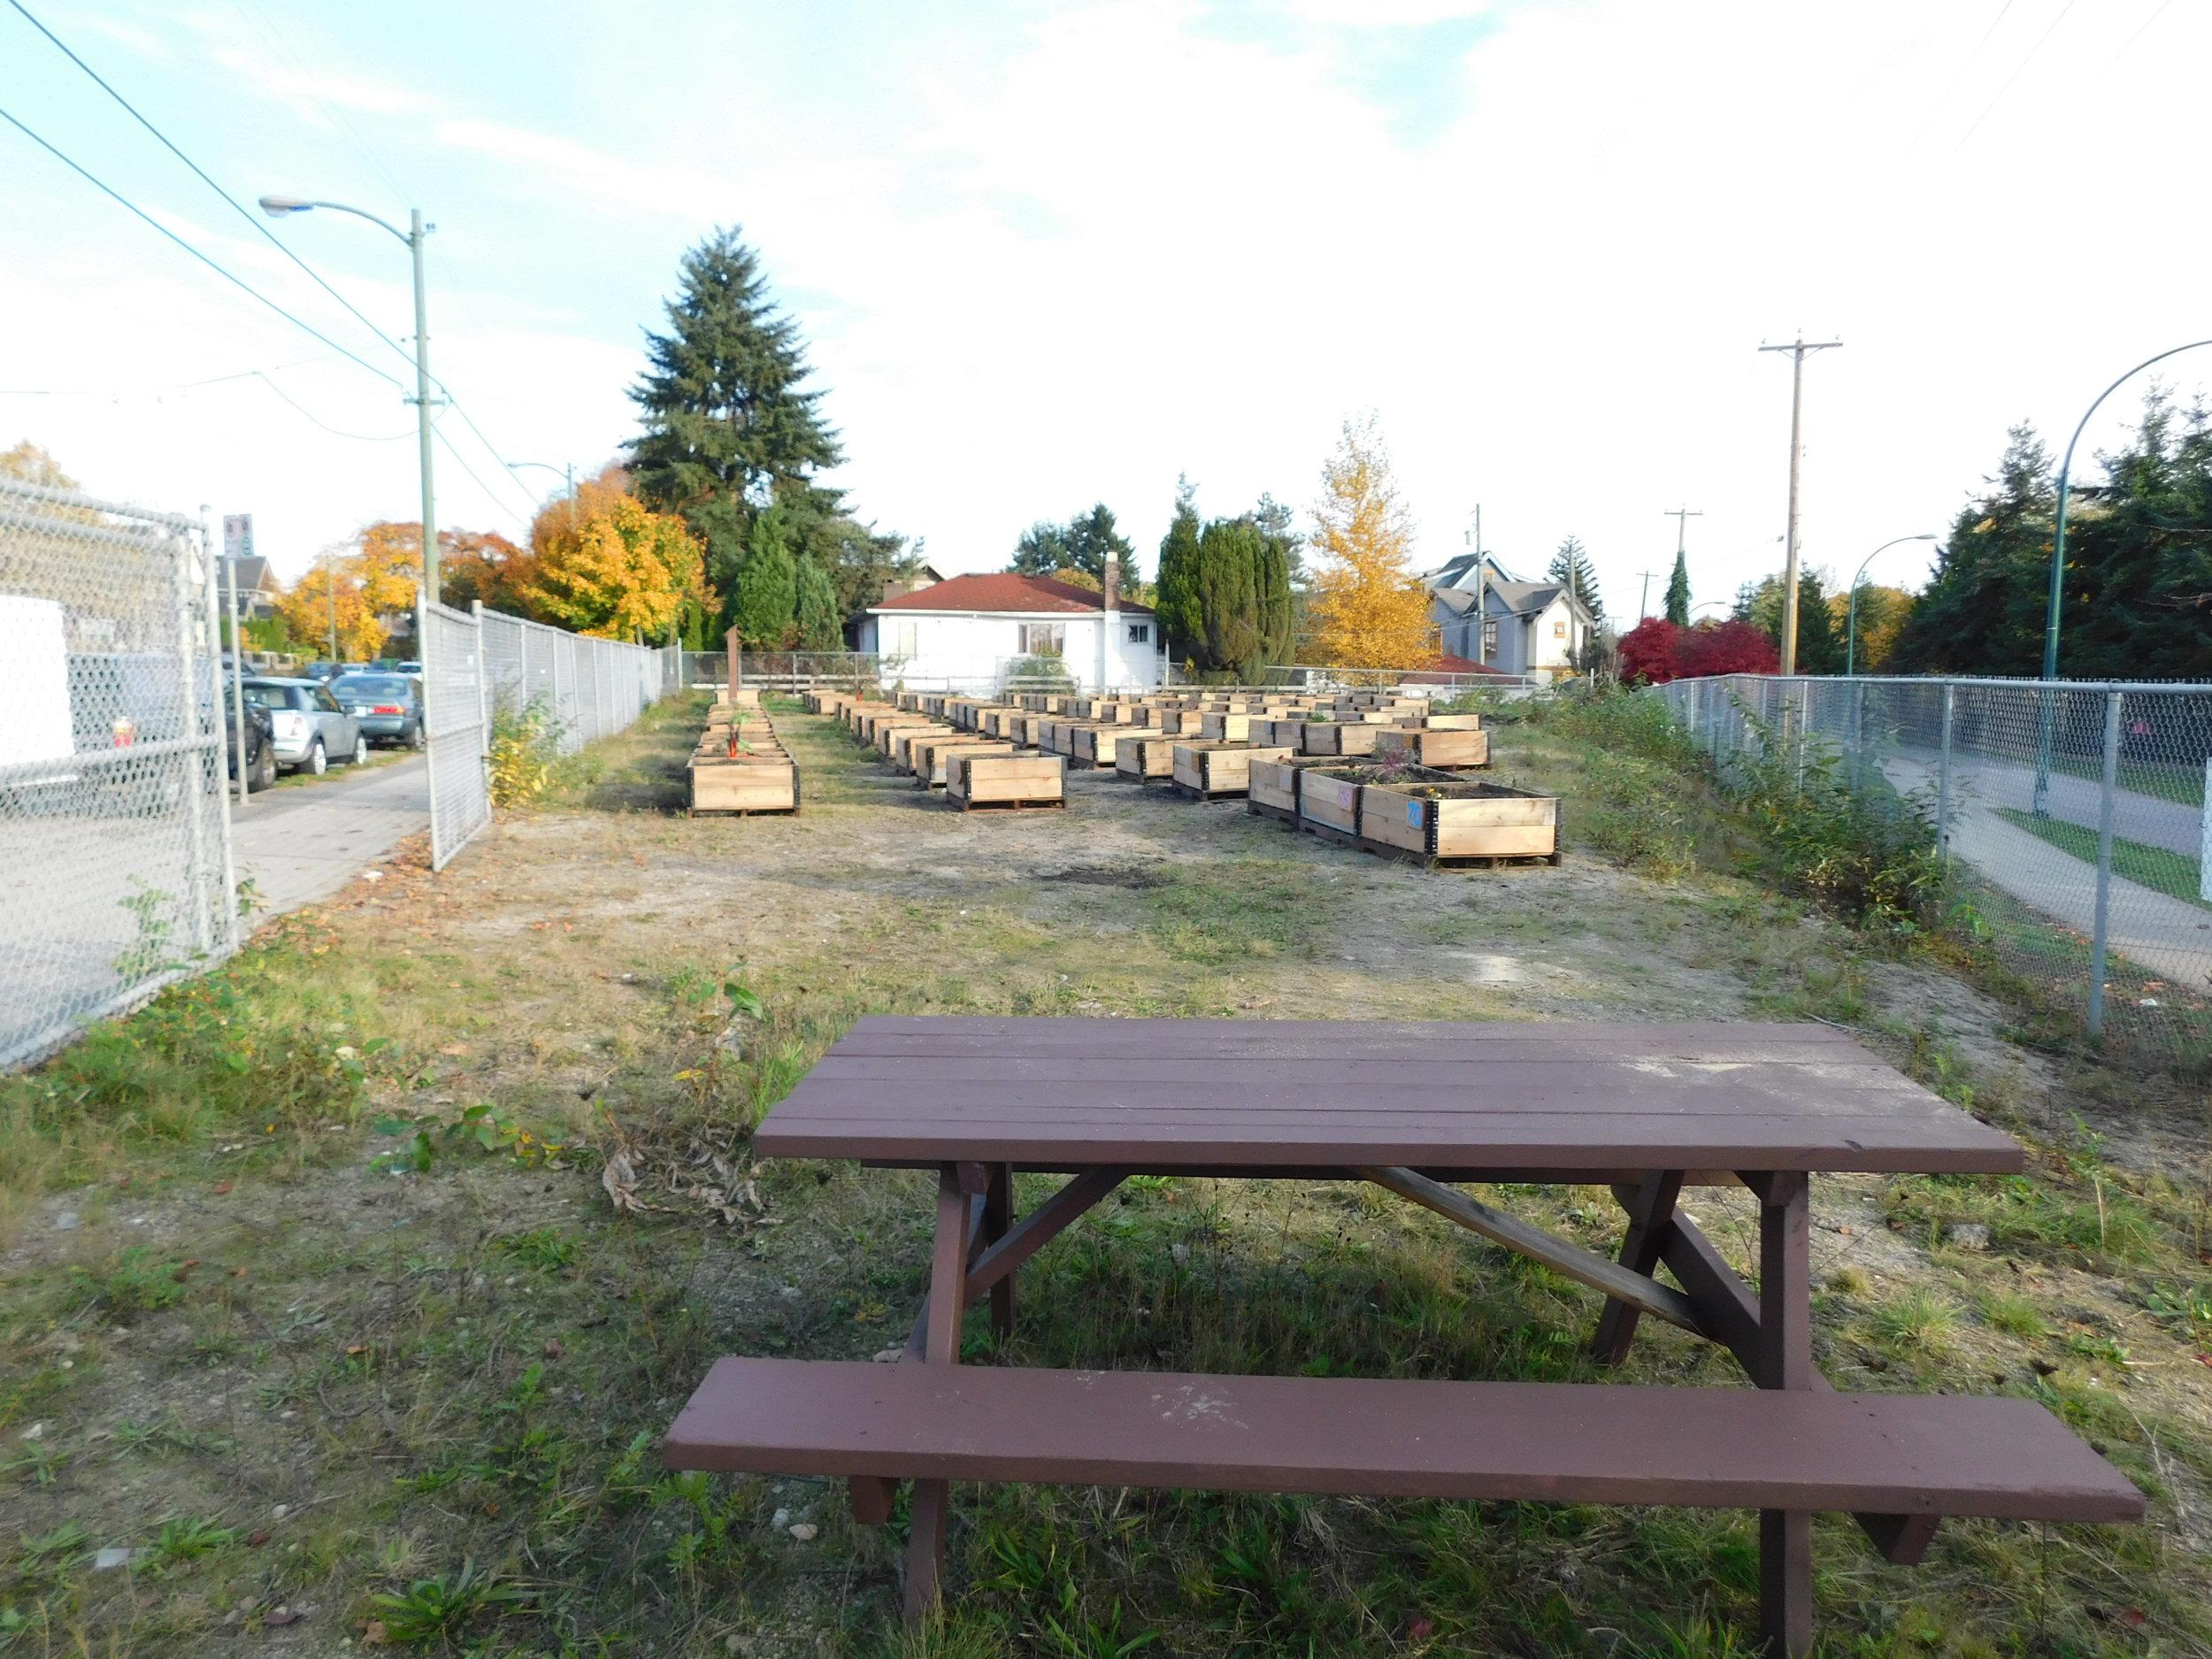 Victoria_Broadway_Vancouver_Community_Garden_Builders-0013.JPG